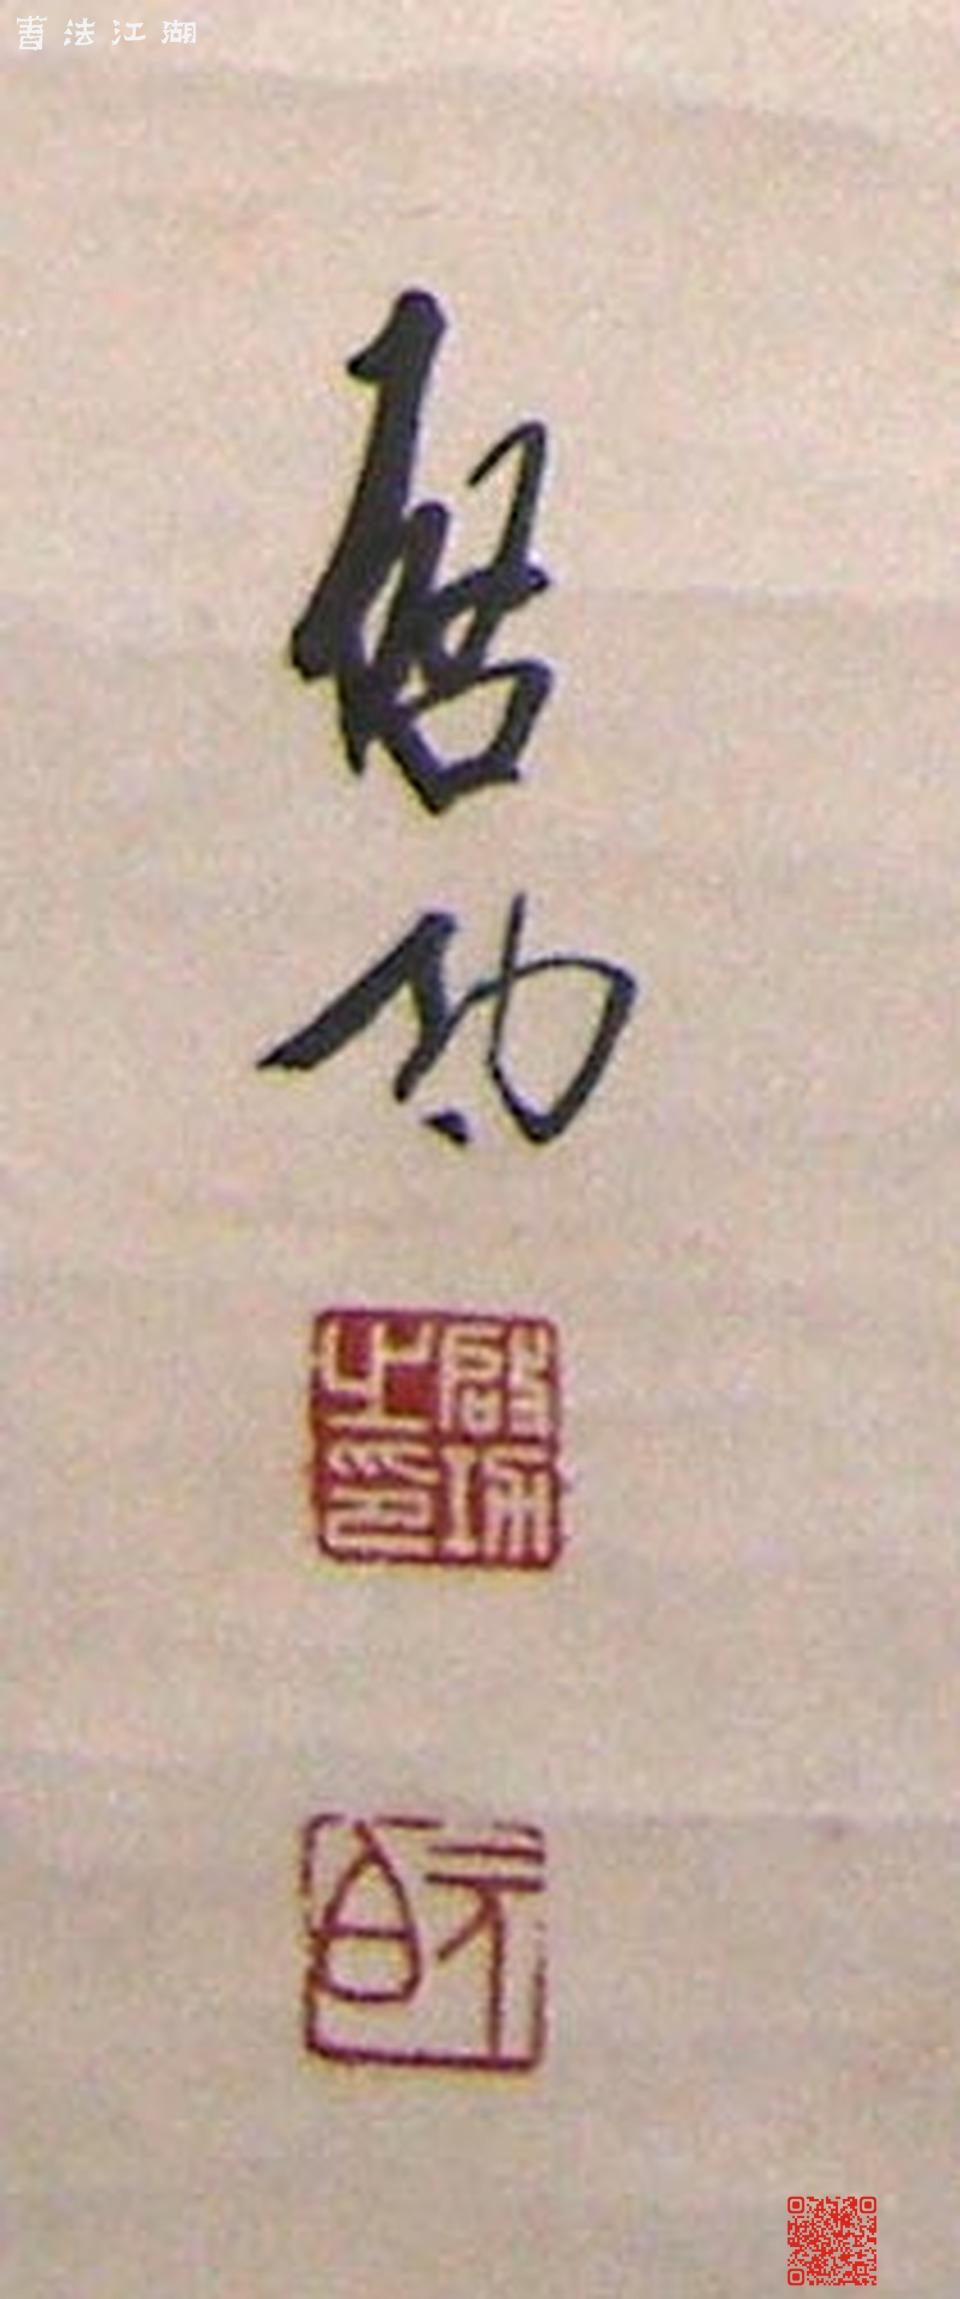 P9300736 副本 2.jpg